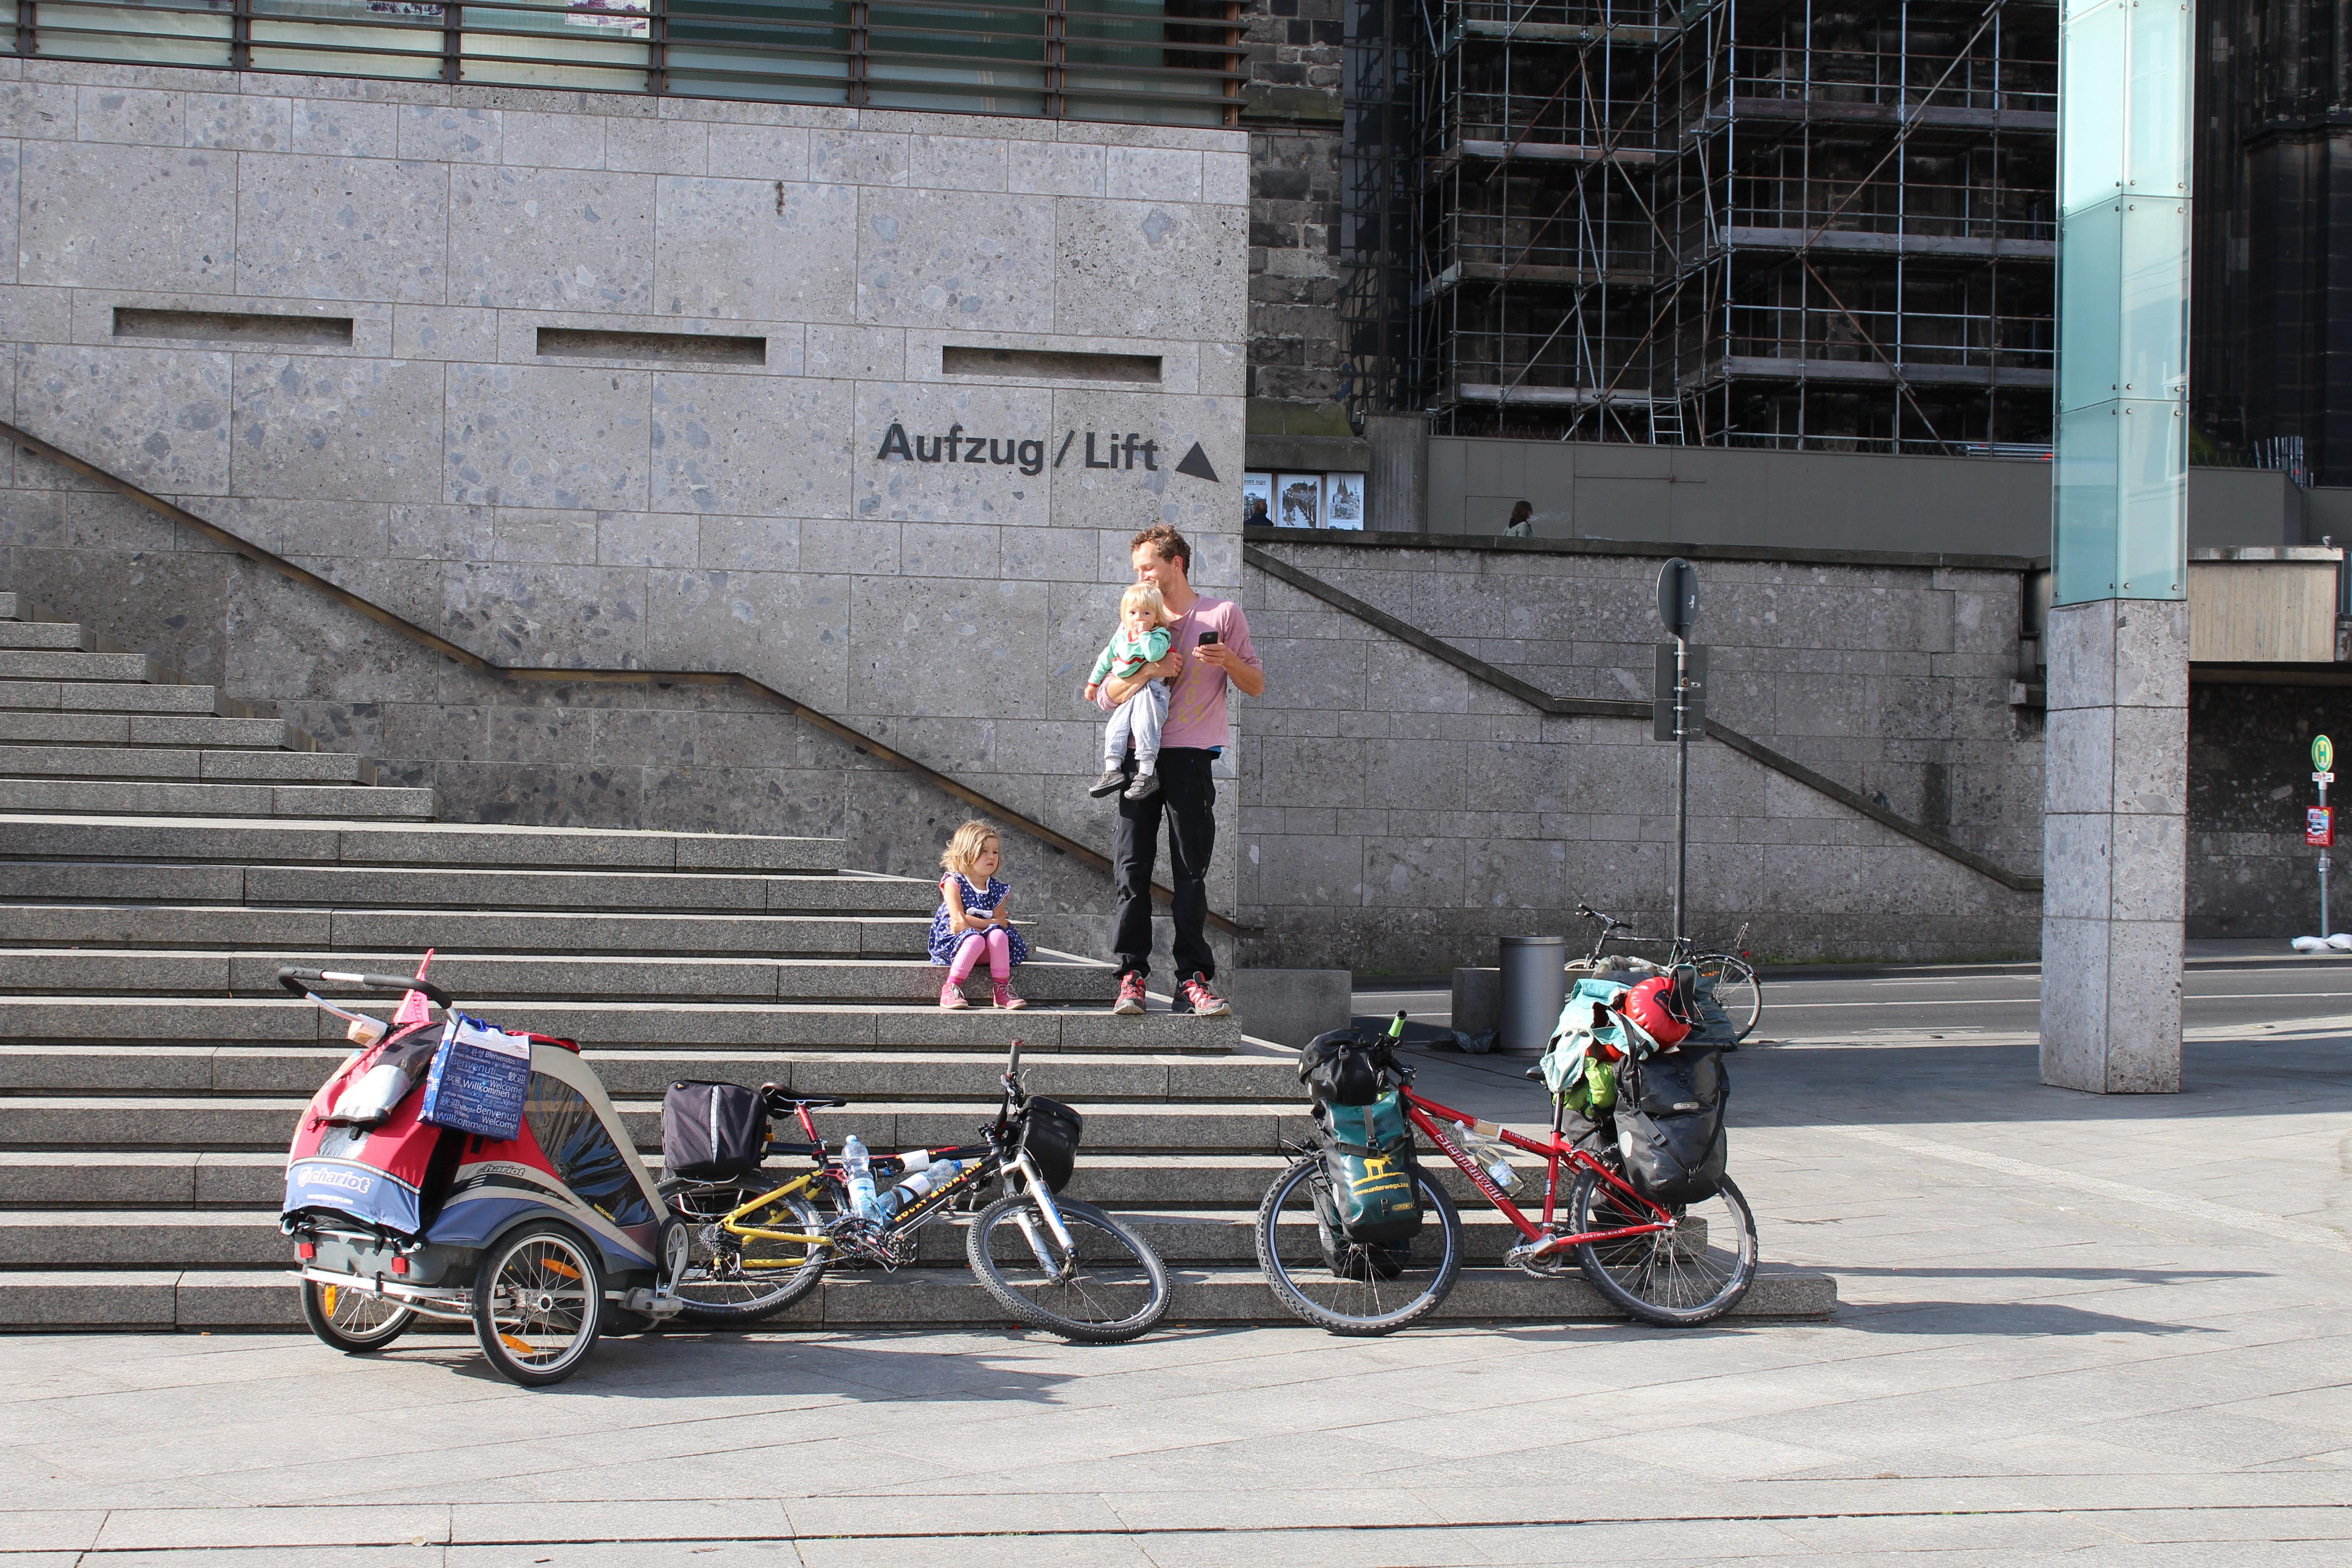 Unterwegs sein - Spielplätze Bratislava und Wien Fahrradreise mit Kindern | Europareise im Baltikum, Kroatien, Slowenien, Oesterreich - Camping und Kinder